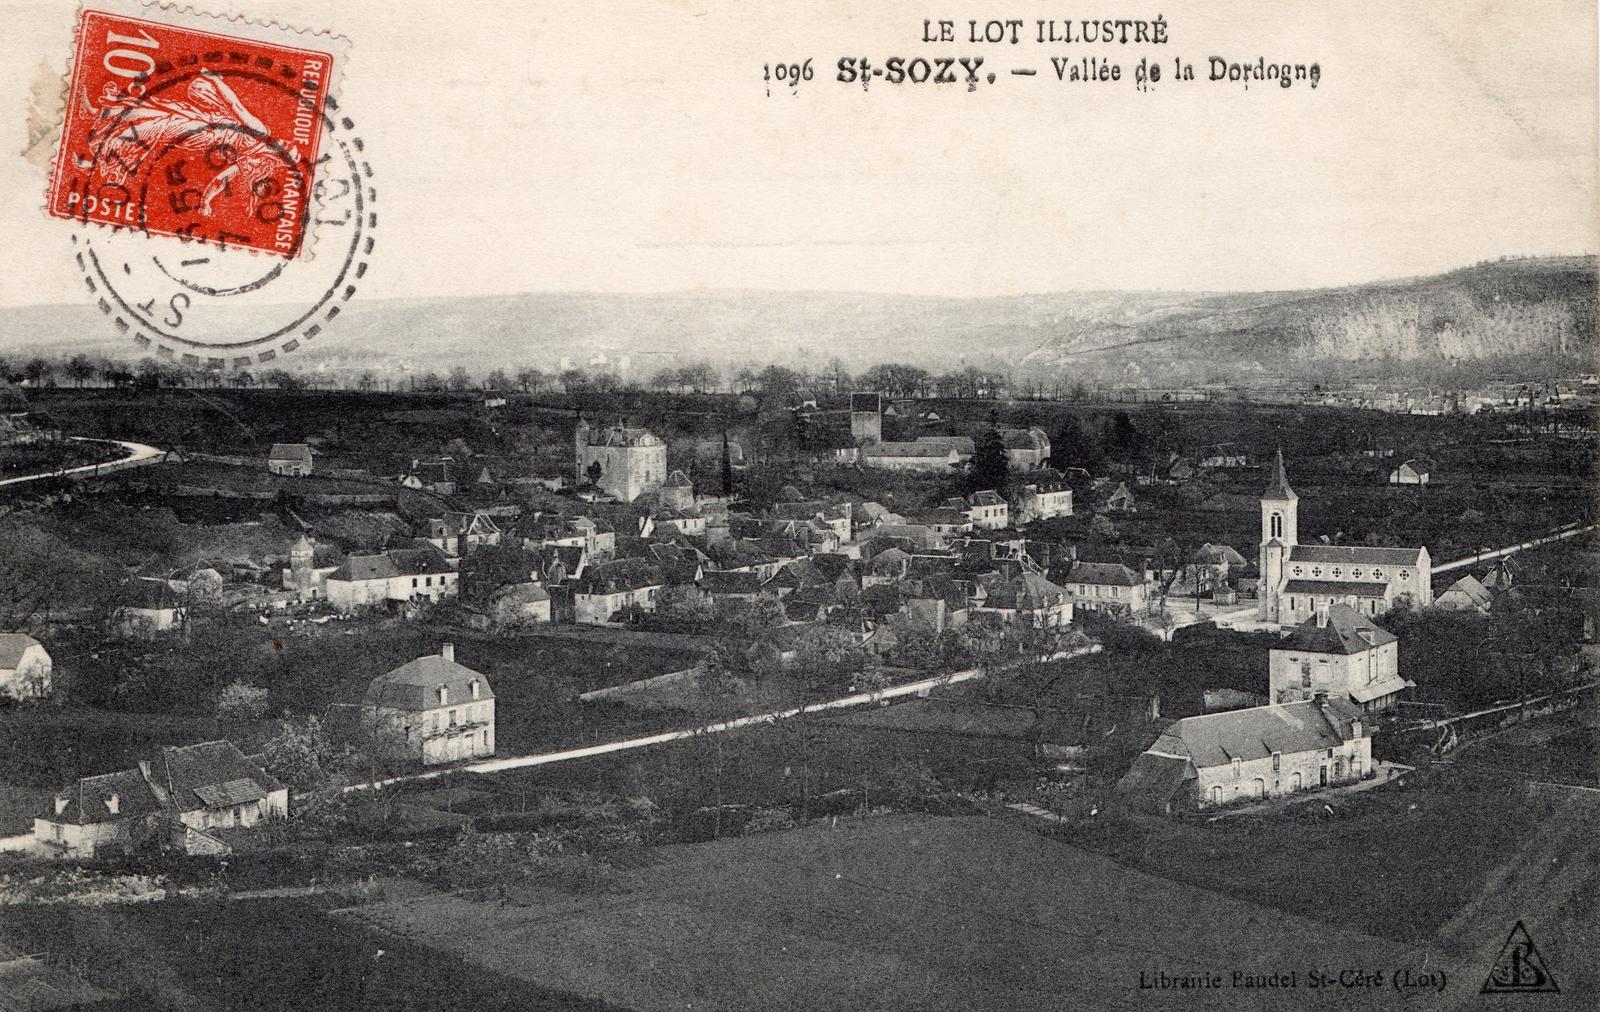 Mairie de Saint-Sozy, la Commune de Saint-Sozy et son